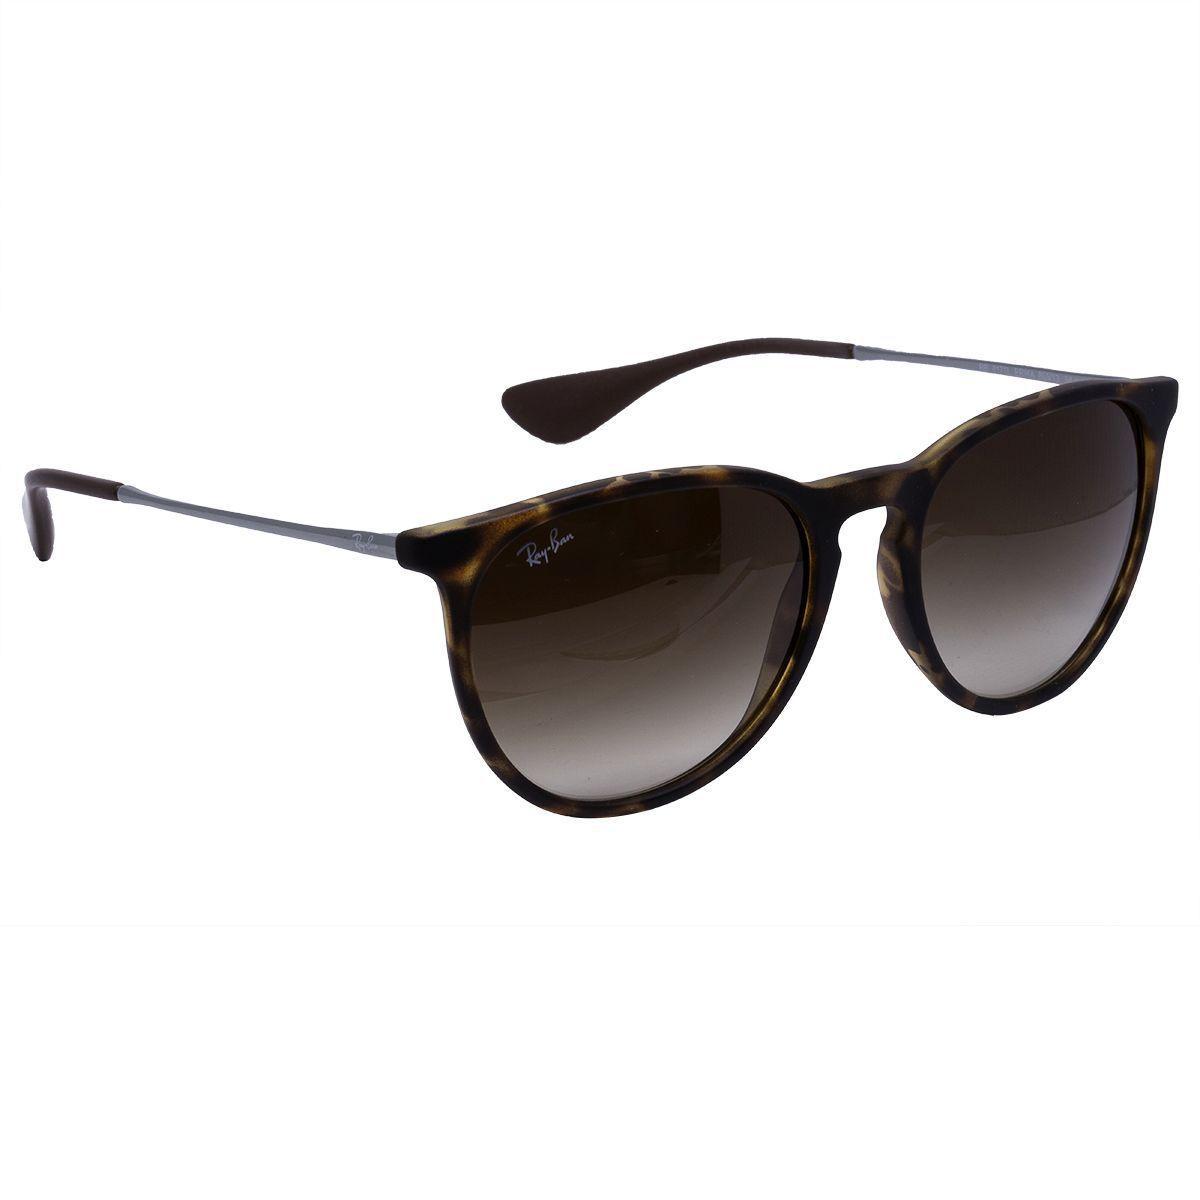 Óculos de Sol Ray Ban Erika RB4171L 865 13 - Acetato Tartaruga, Lente  Marrom Degradê R  485,00 à vista. Adicionar à sacola e12b5652d8